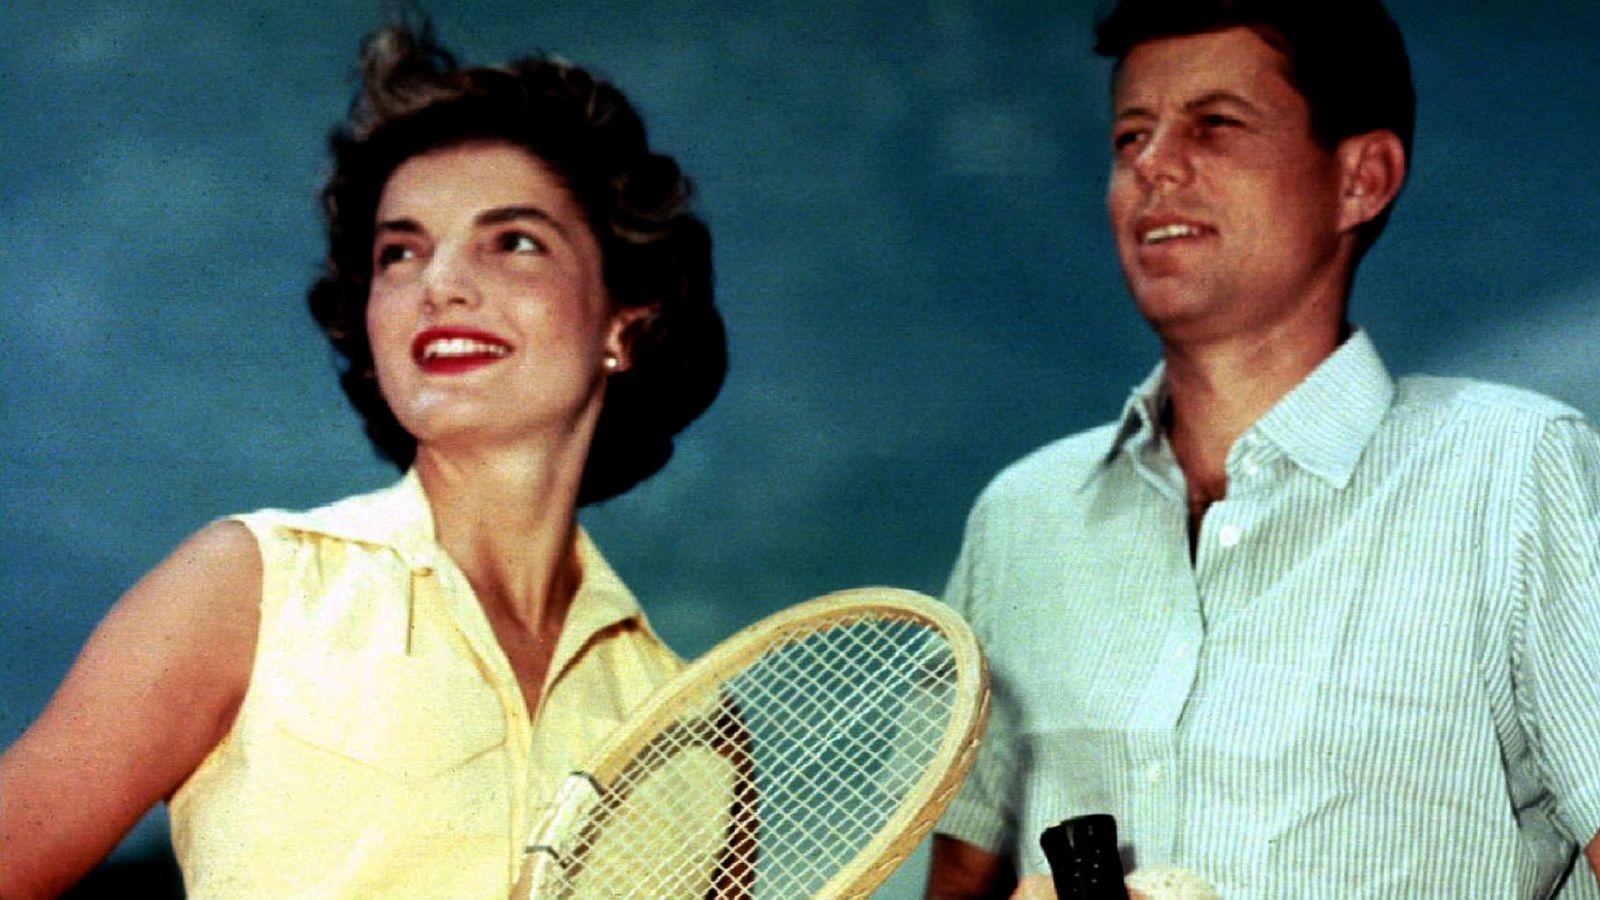 Foto: Jacqueline Kennedy Onassis y John F. Kennedy en Hyannis Port. (Reuters)